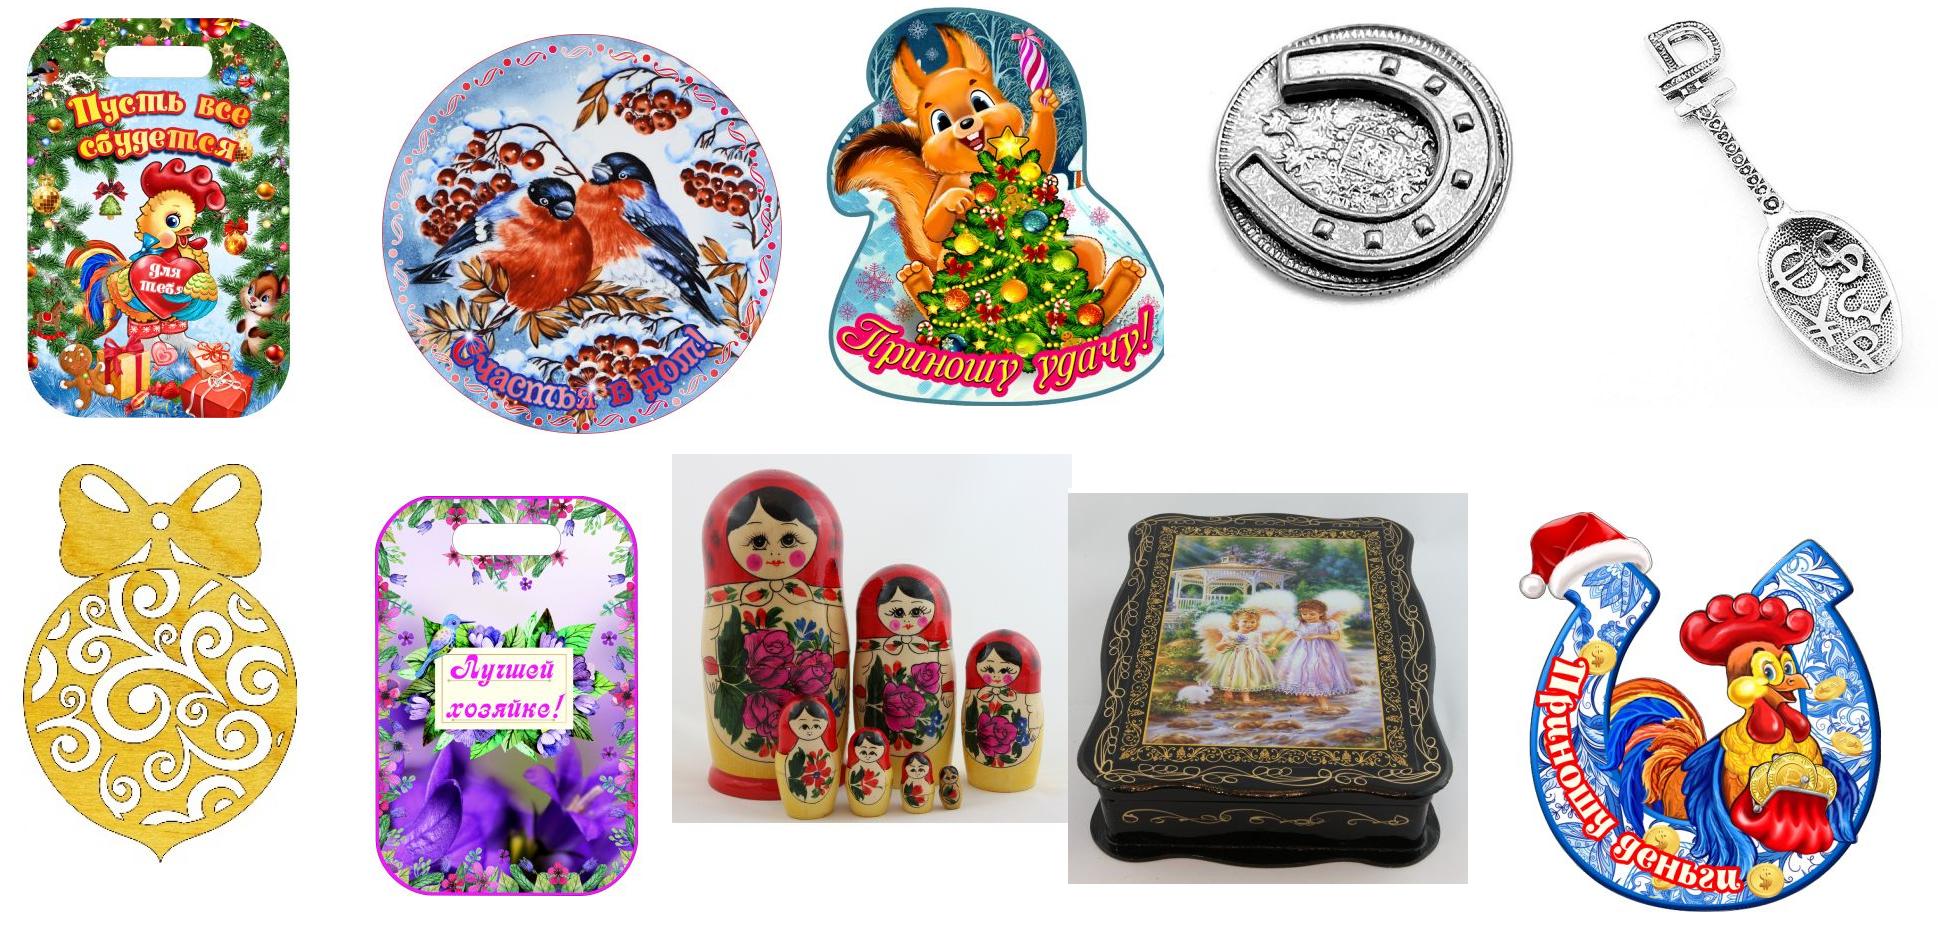 Подарки всем всем всем.Сувениры с символом года-магниты,декоративные доски,подставки под горячее,календари,подвески на елку, а так же шкатулки,изделия из бересты,шкатулки,ключницы,таблички для бани,кошельковые обереги и многое другое.В1.